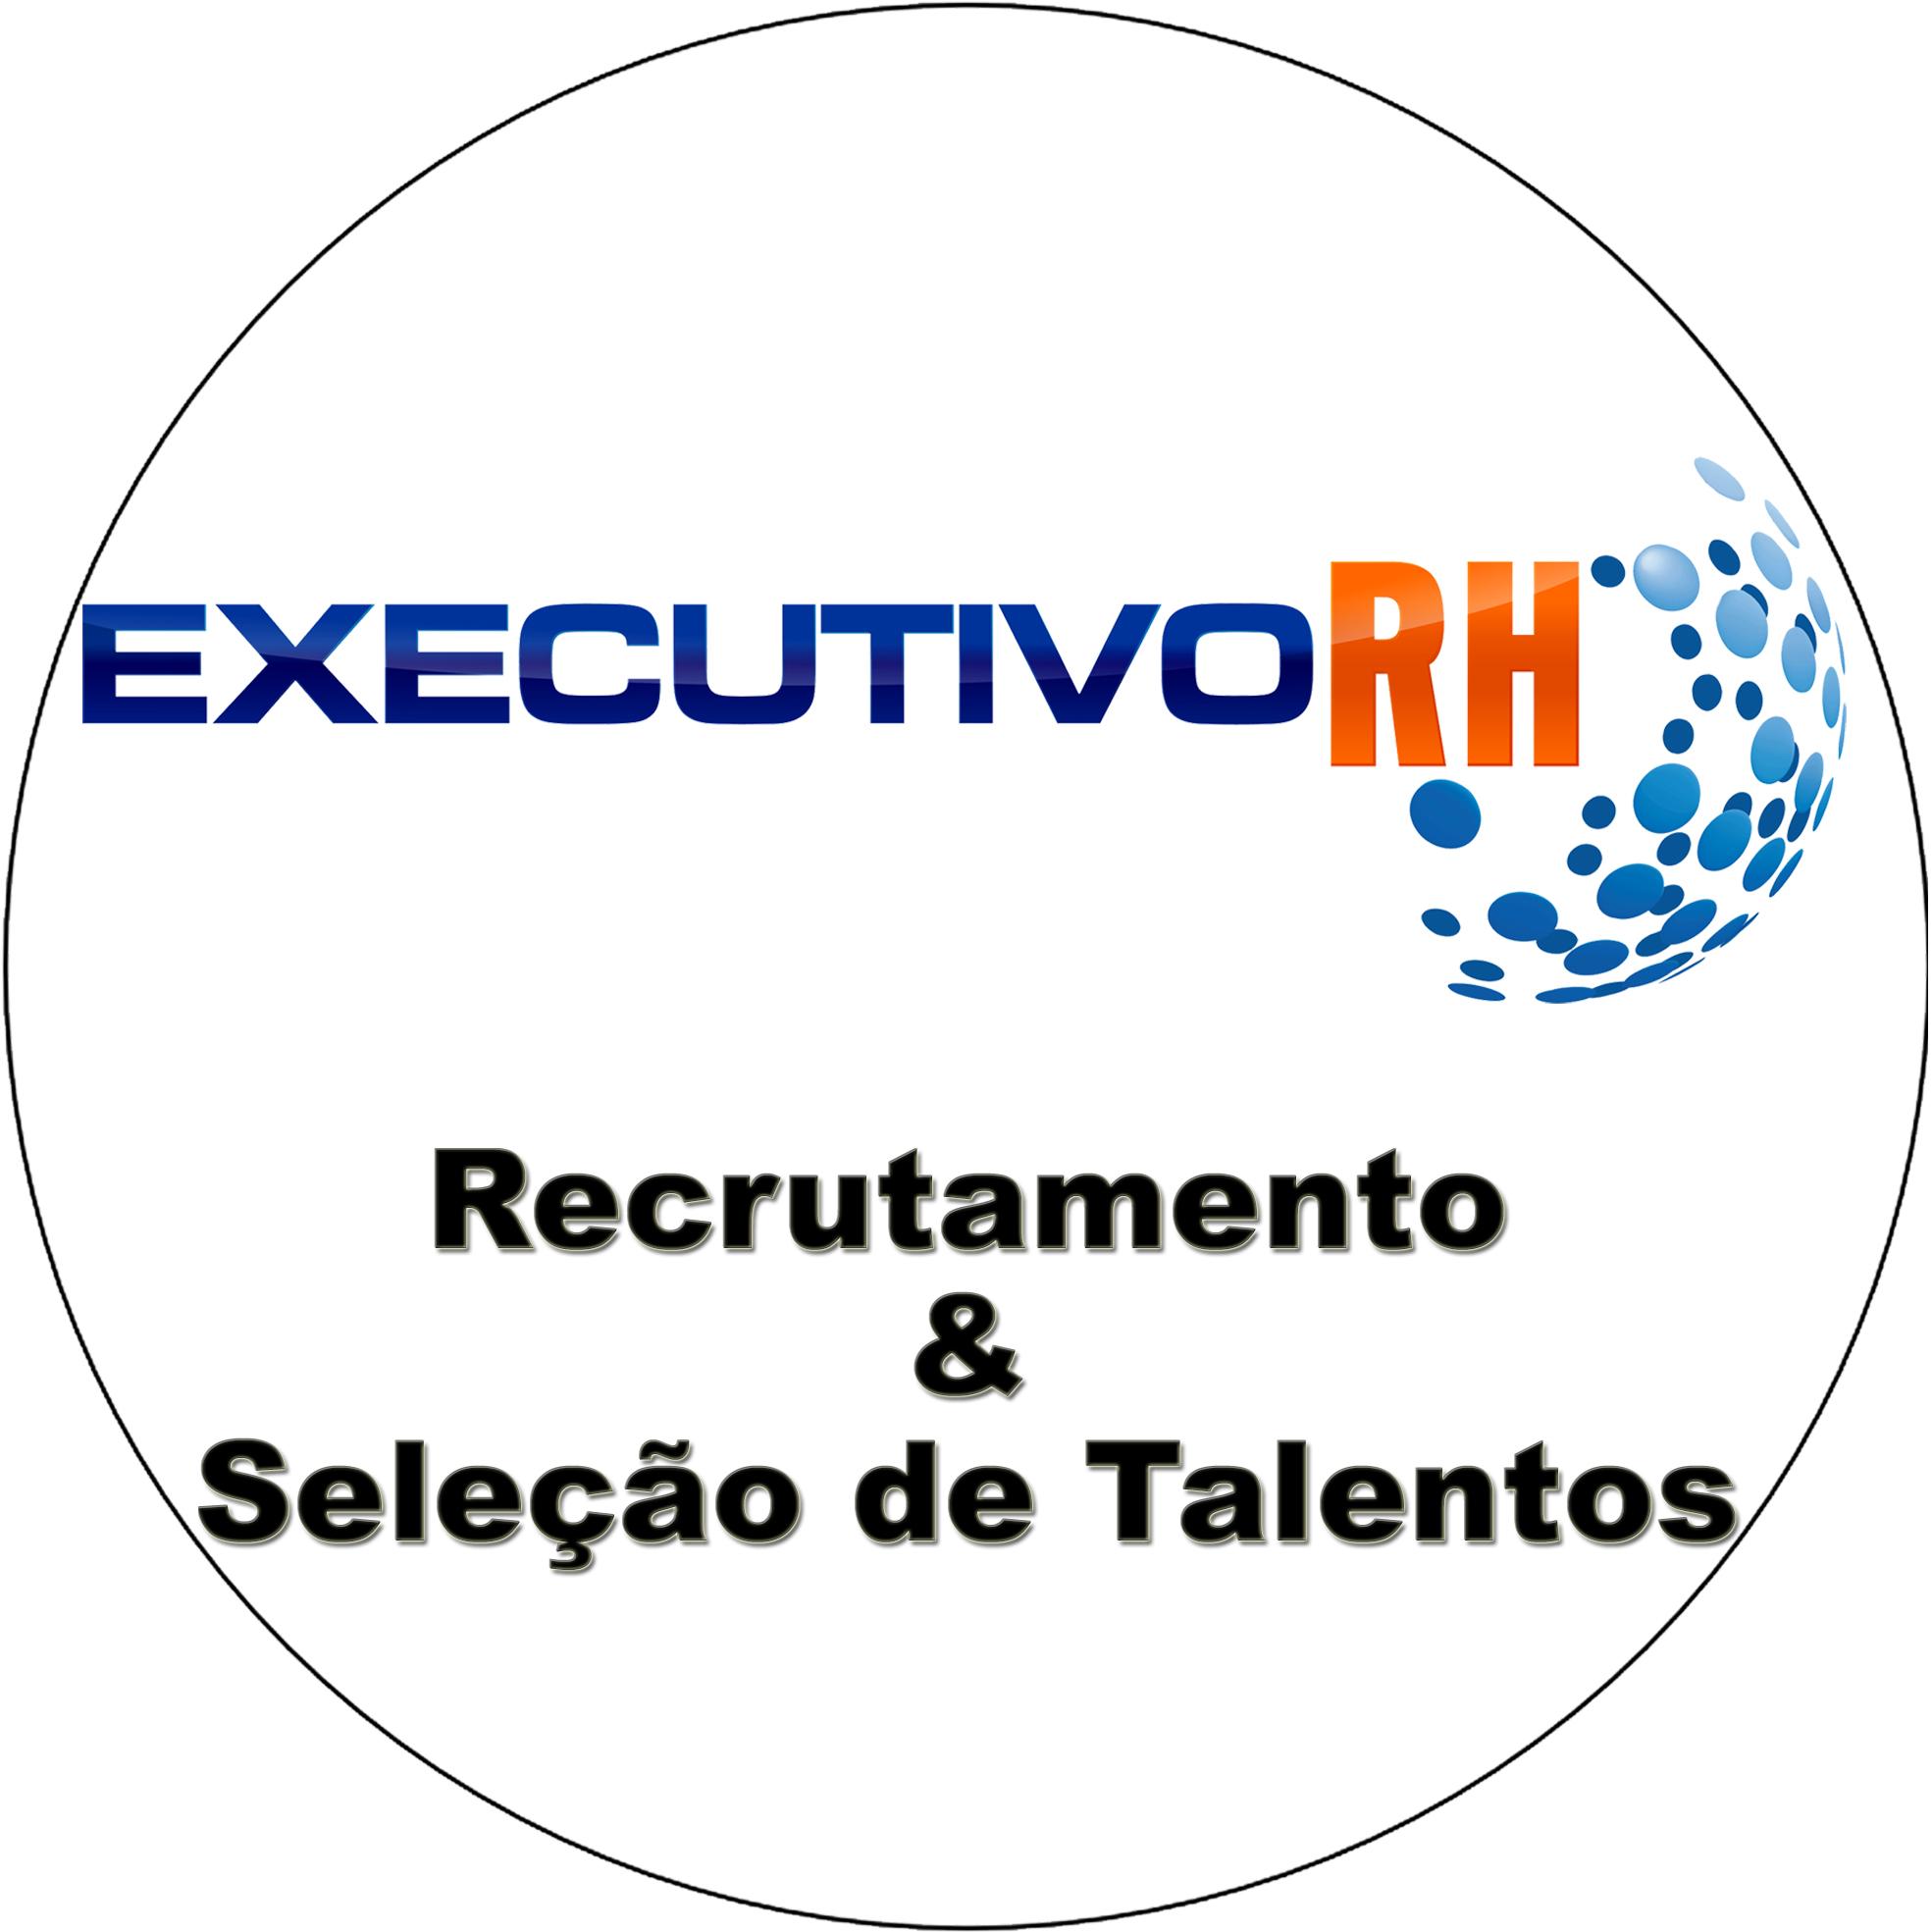 8dd2eff8f2 Executivo RH – Sinônimo de Profissionais Qualificados!